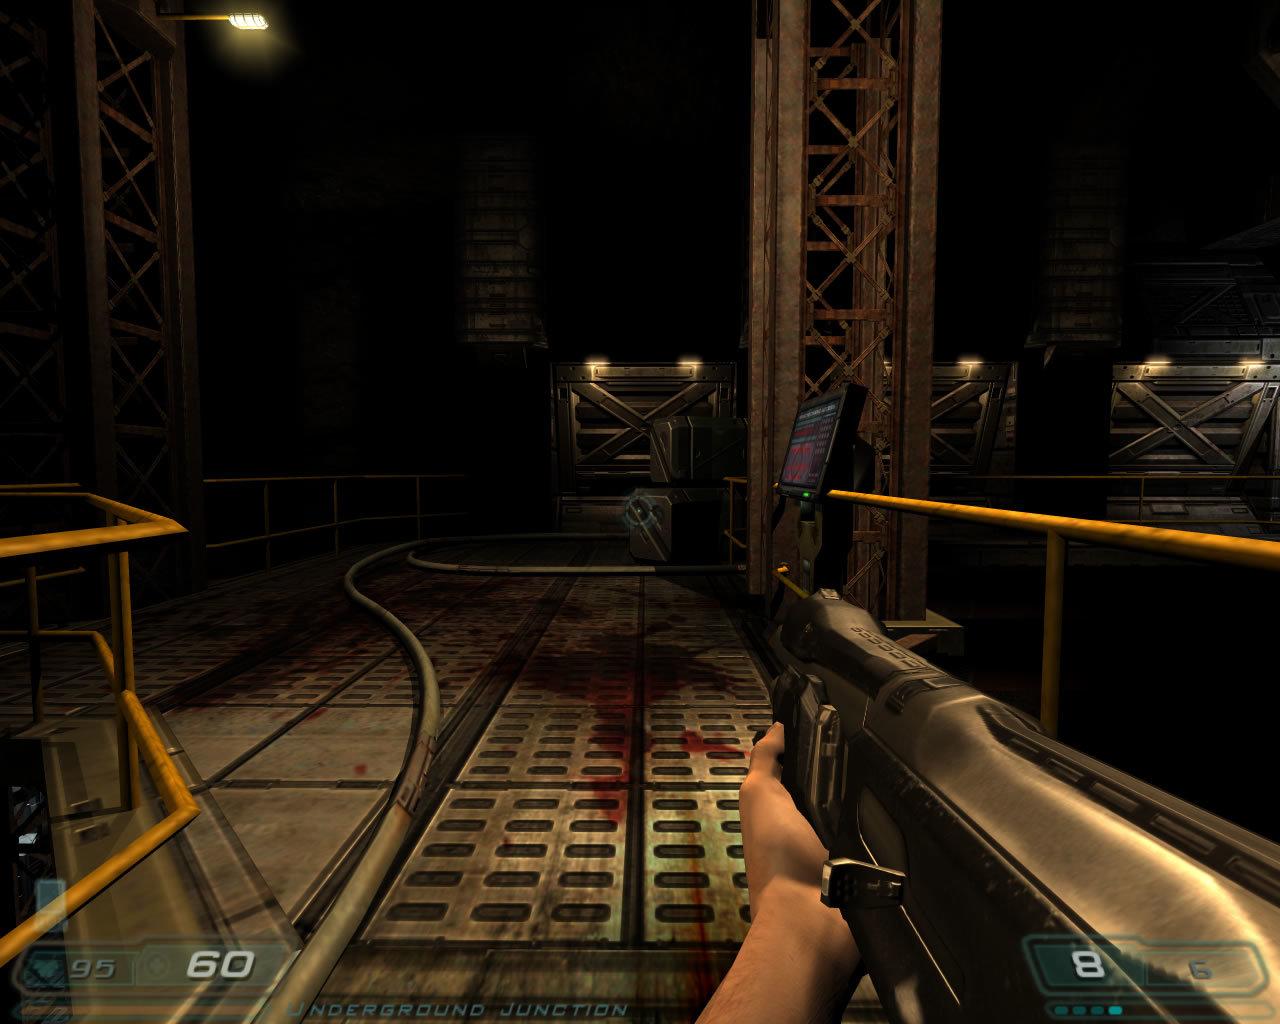 Doom 3 Ultra Quality w/ 8x AA